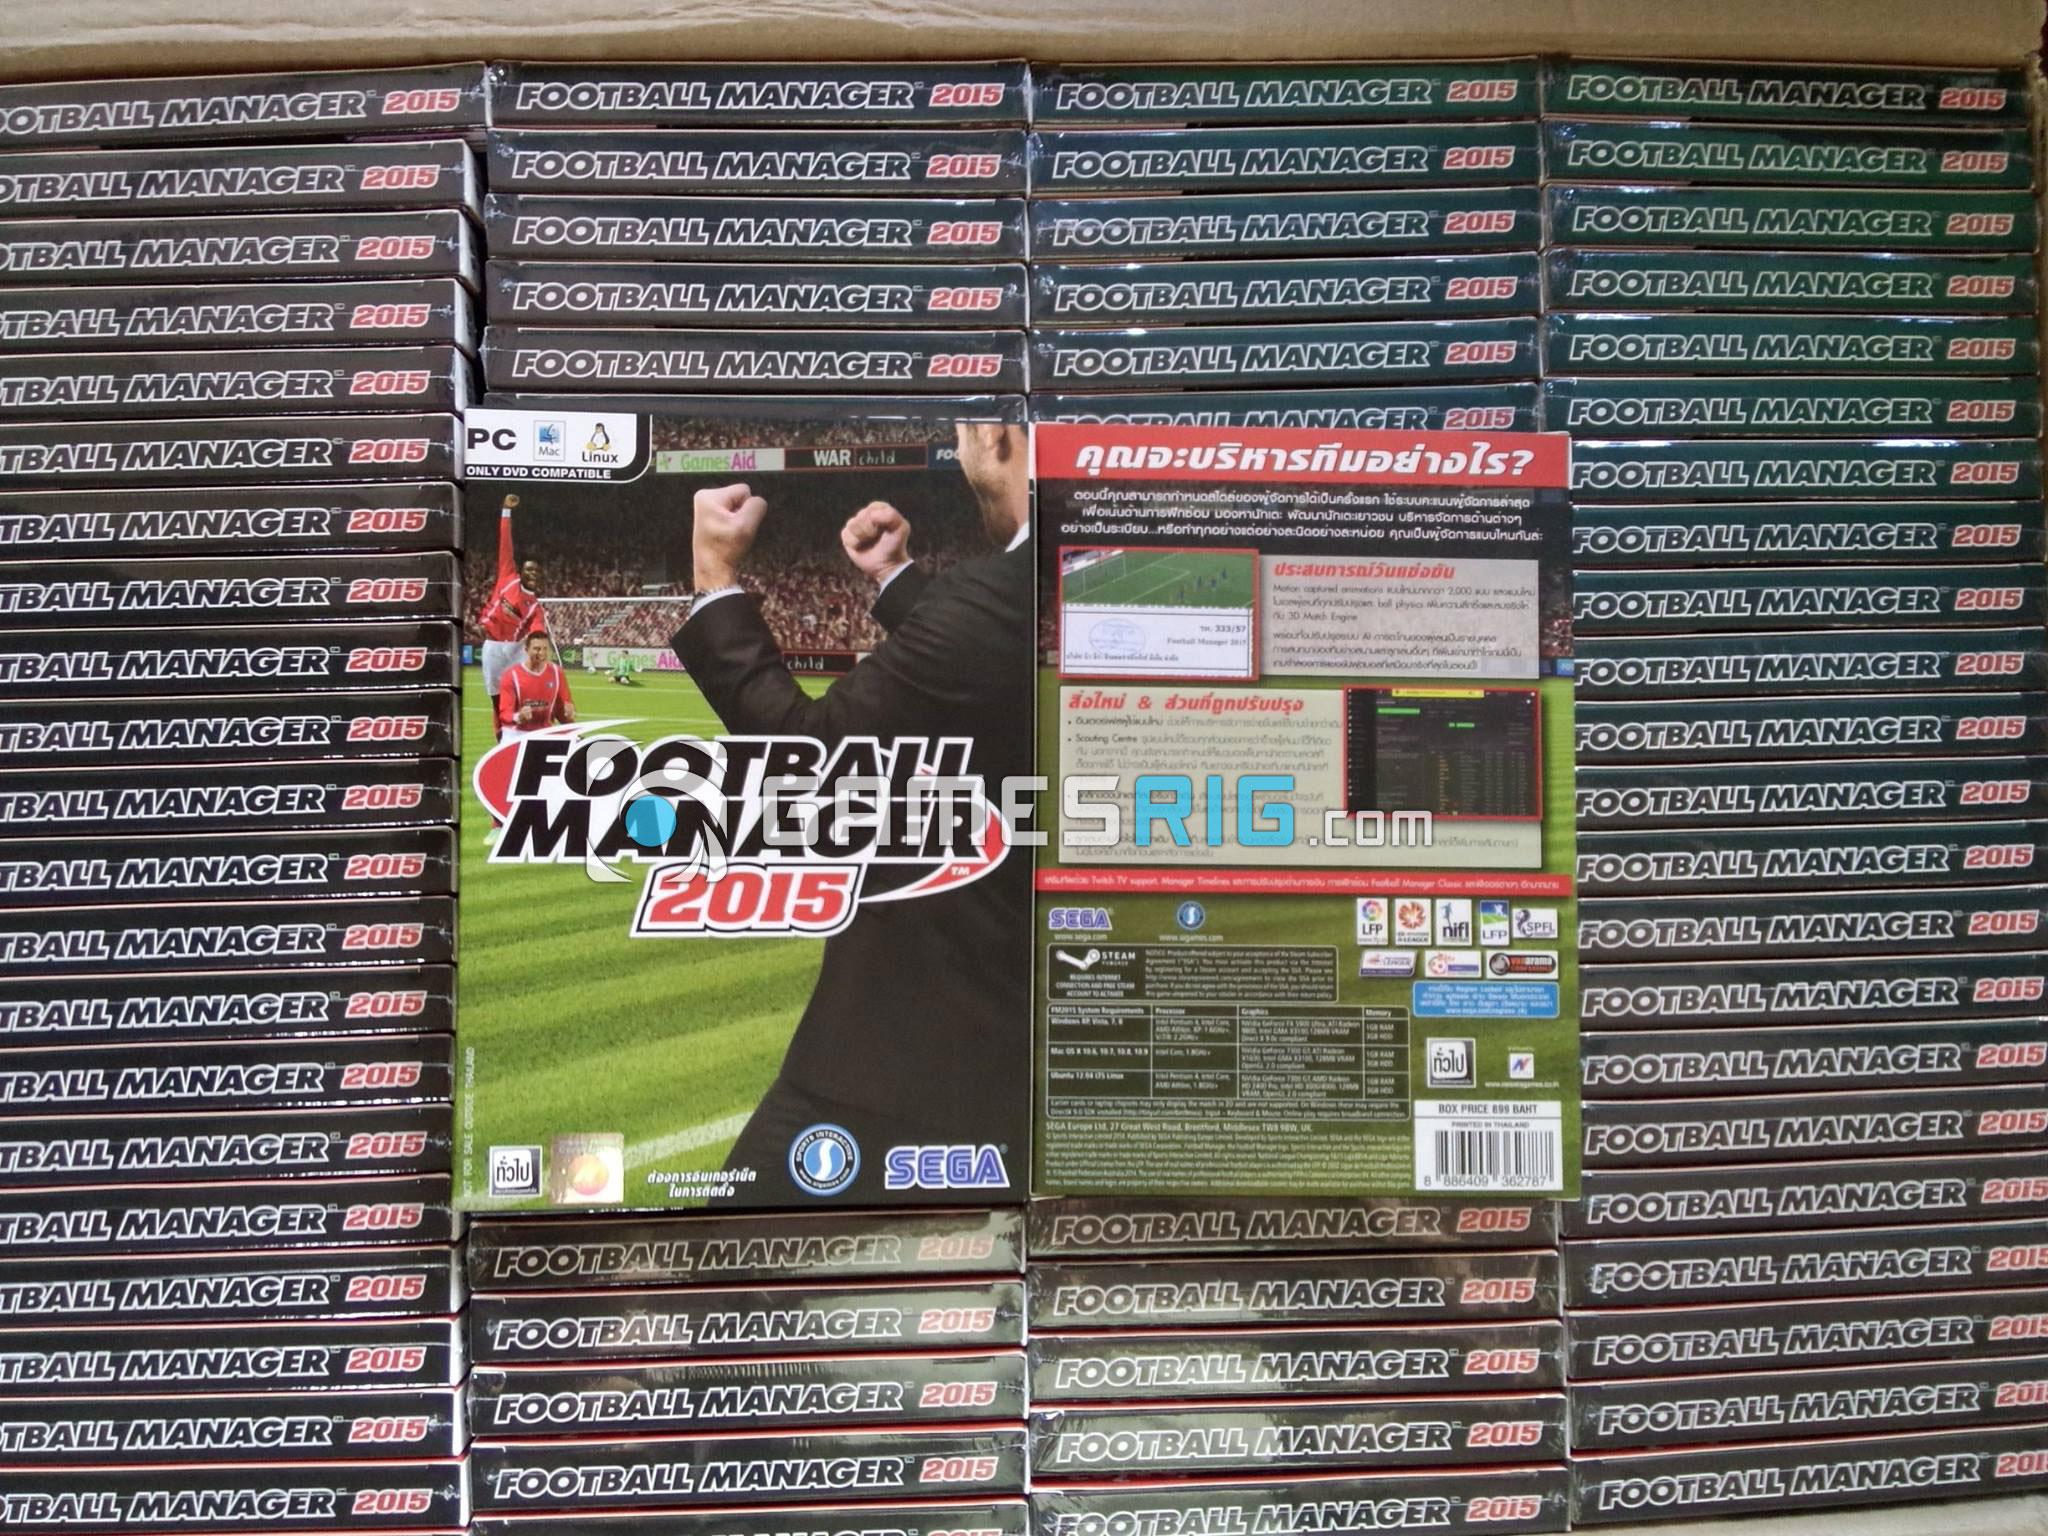 สต๊อกสินค้าเกม Football Manager 2016